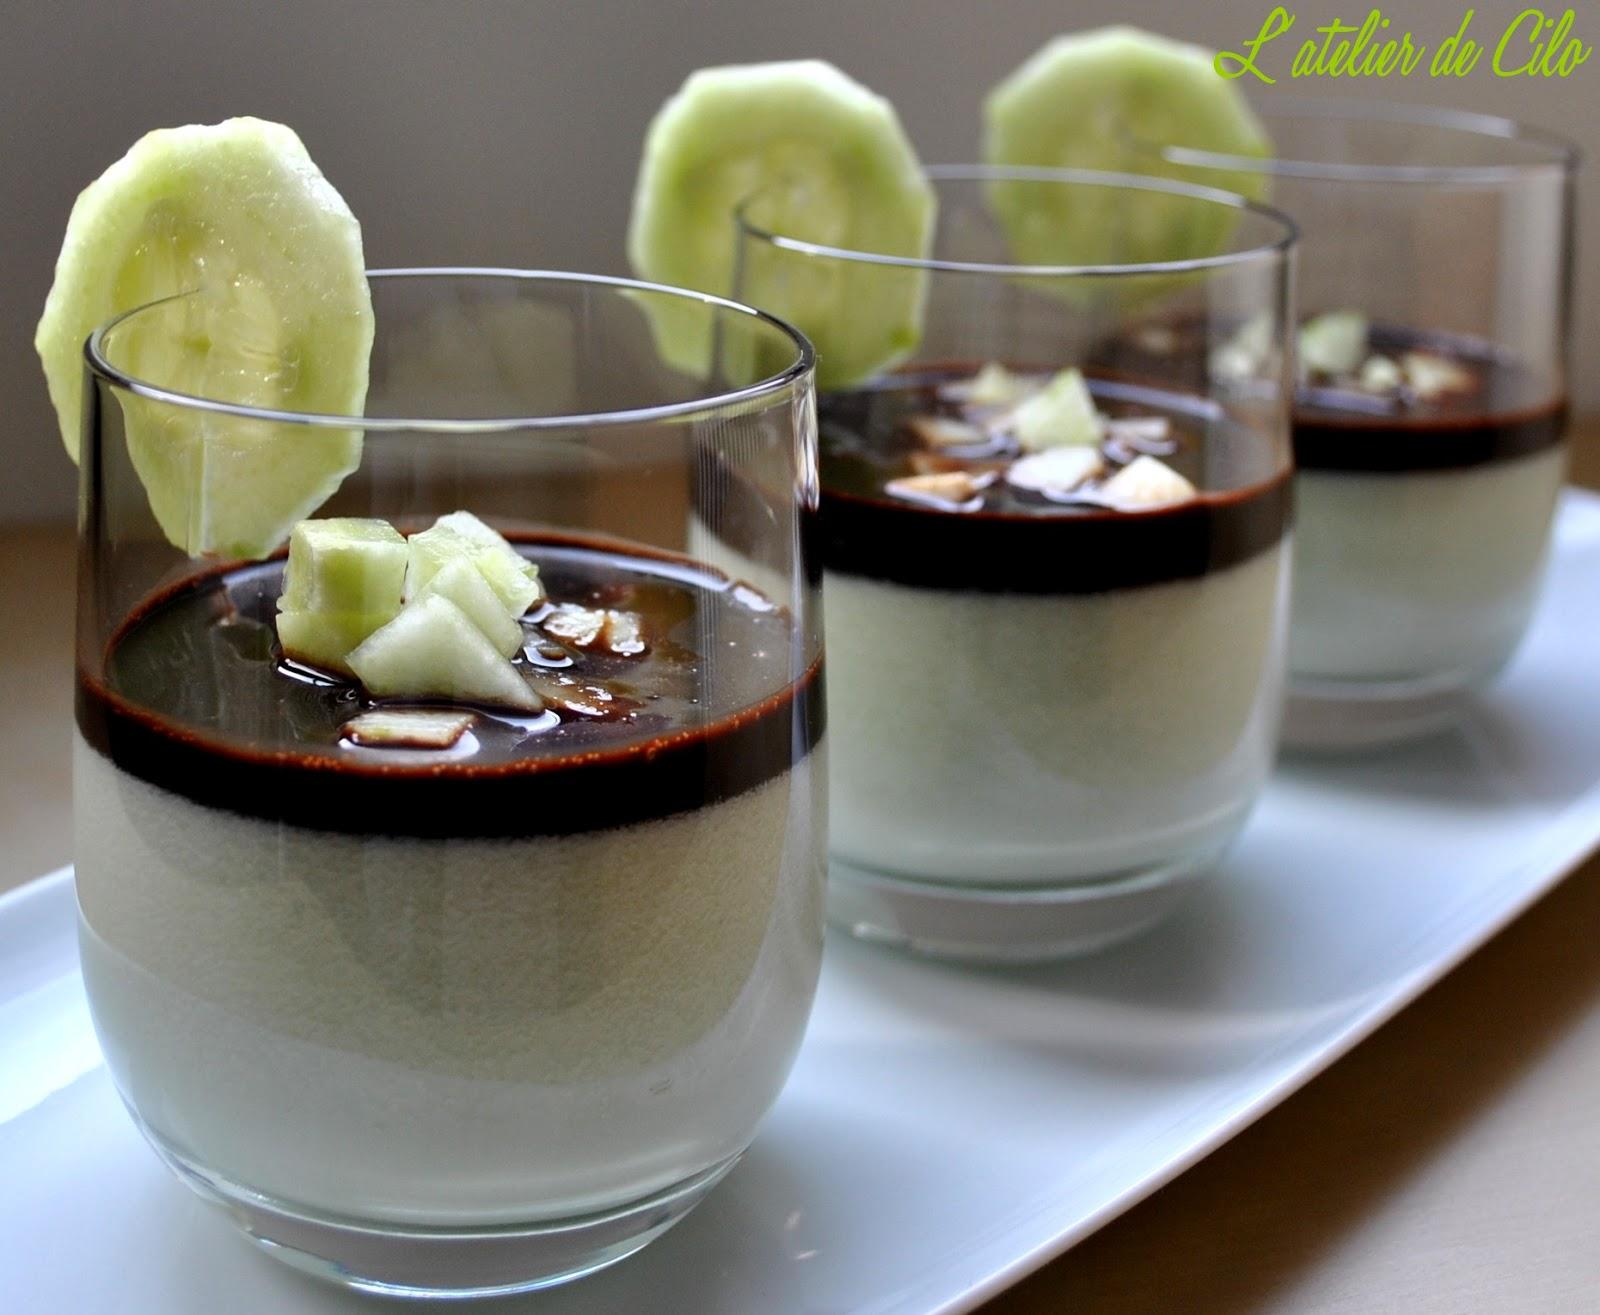 L 39 atelier de cilo panna cotta concombre menthe sirop de chocolat - Recette panna cotta mascarpone ...